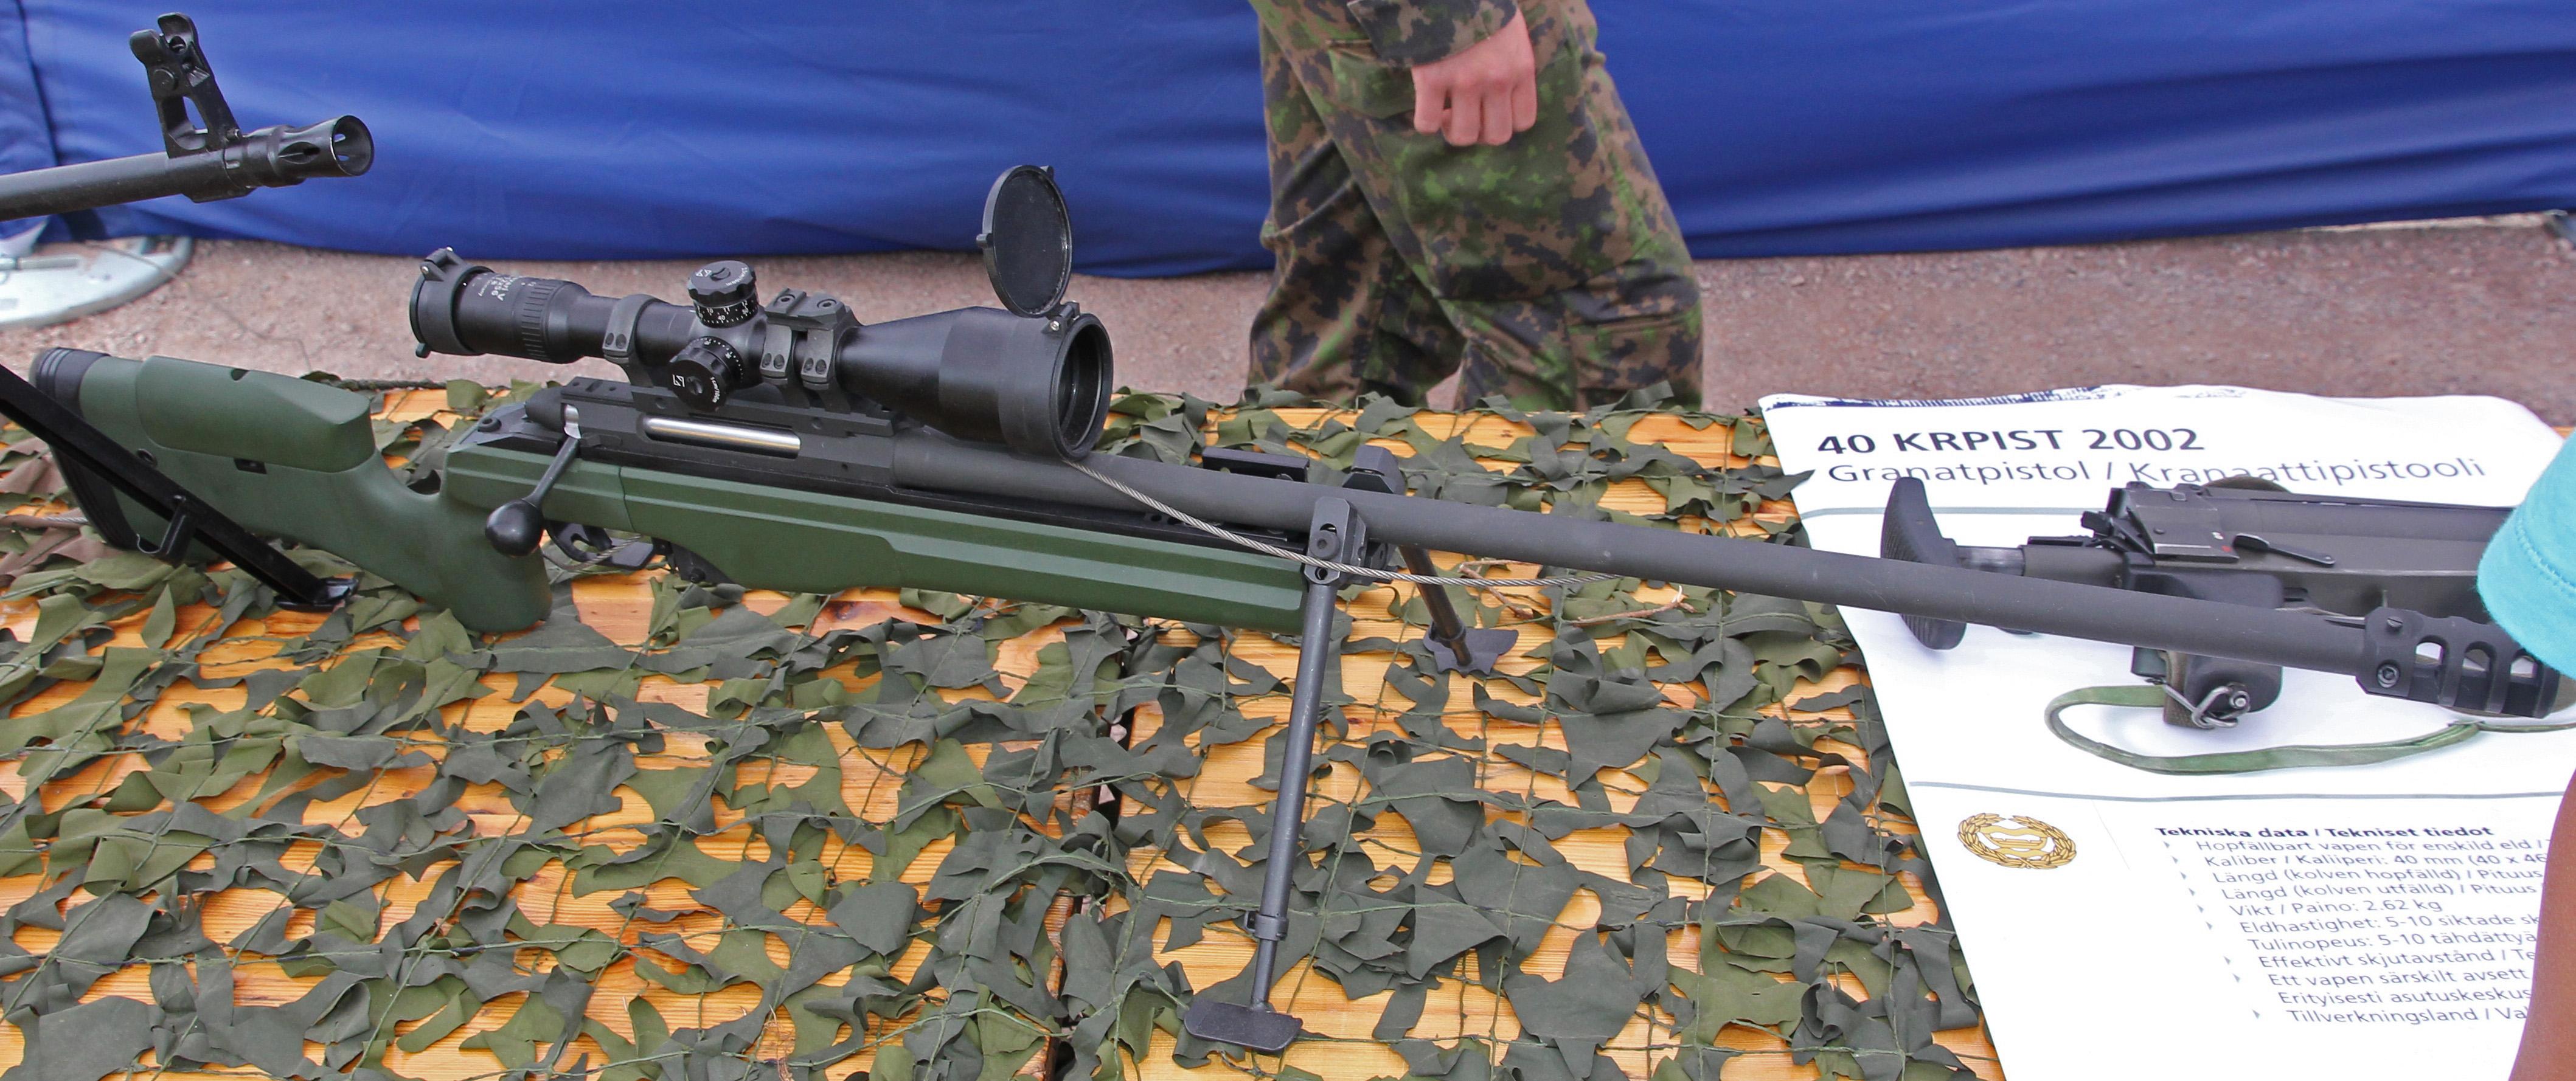 вас квартире фото снайперских винтовок финских минимальный пакет документов